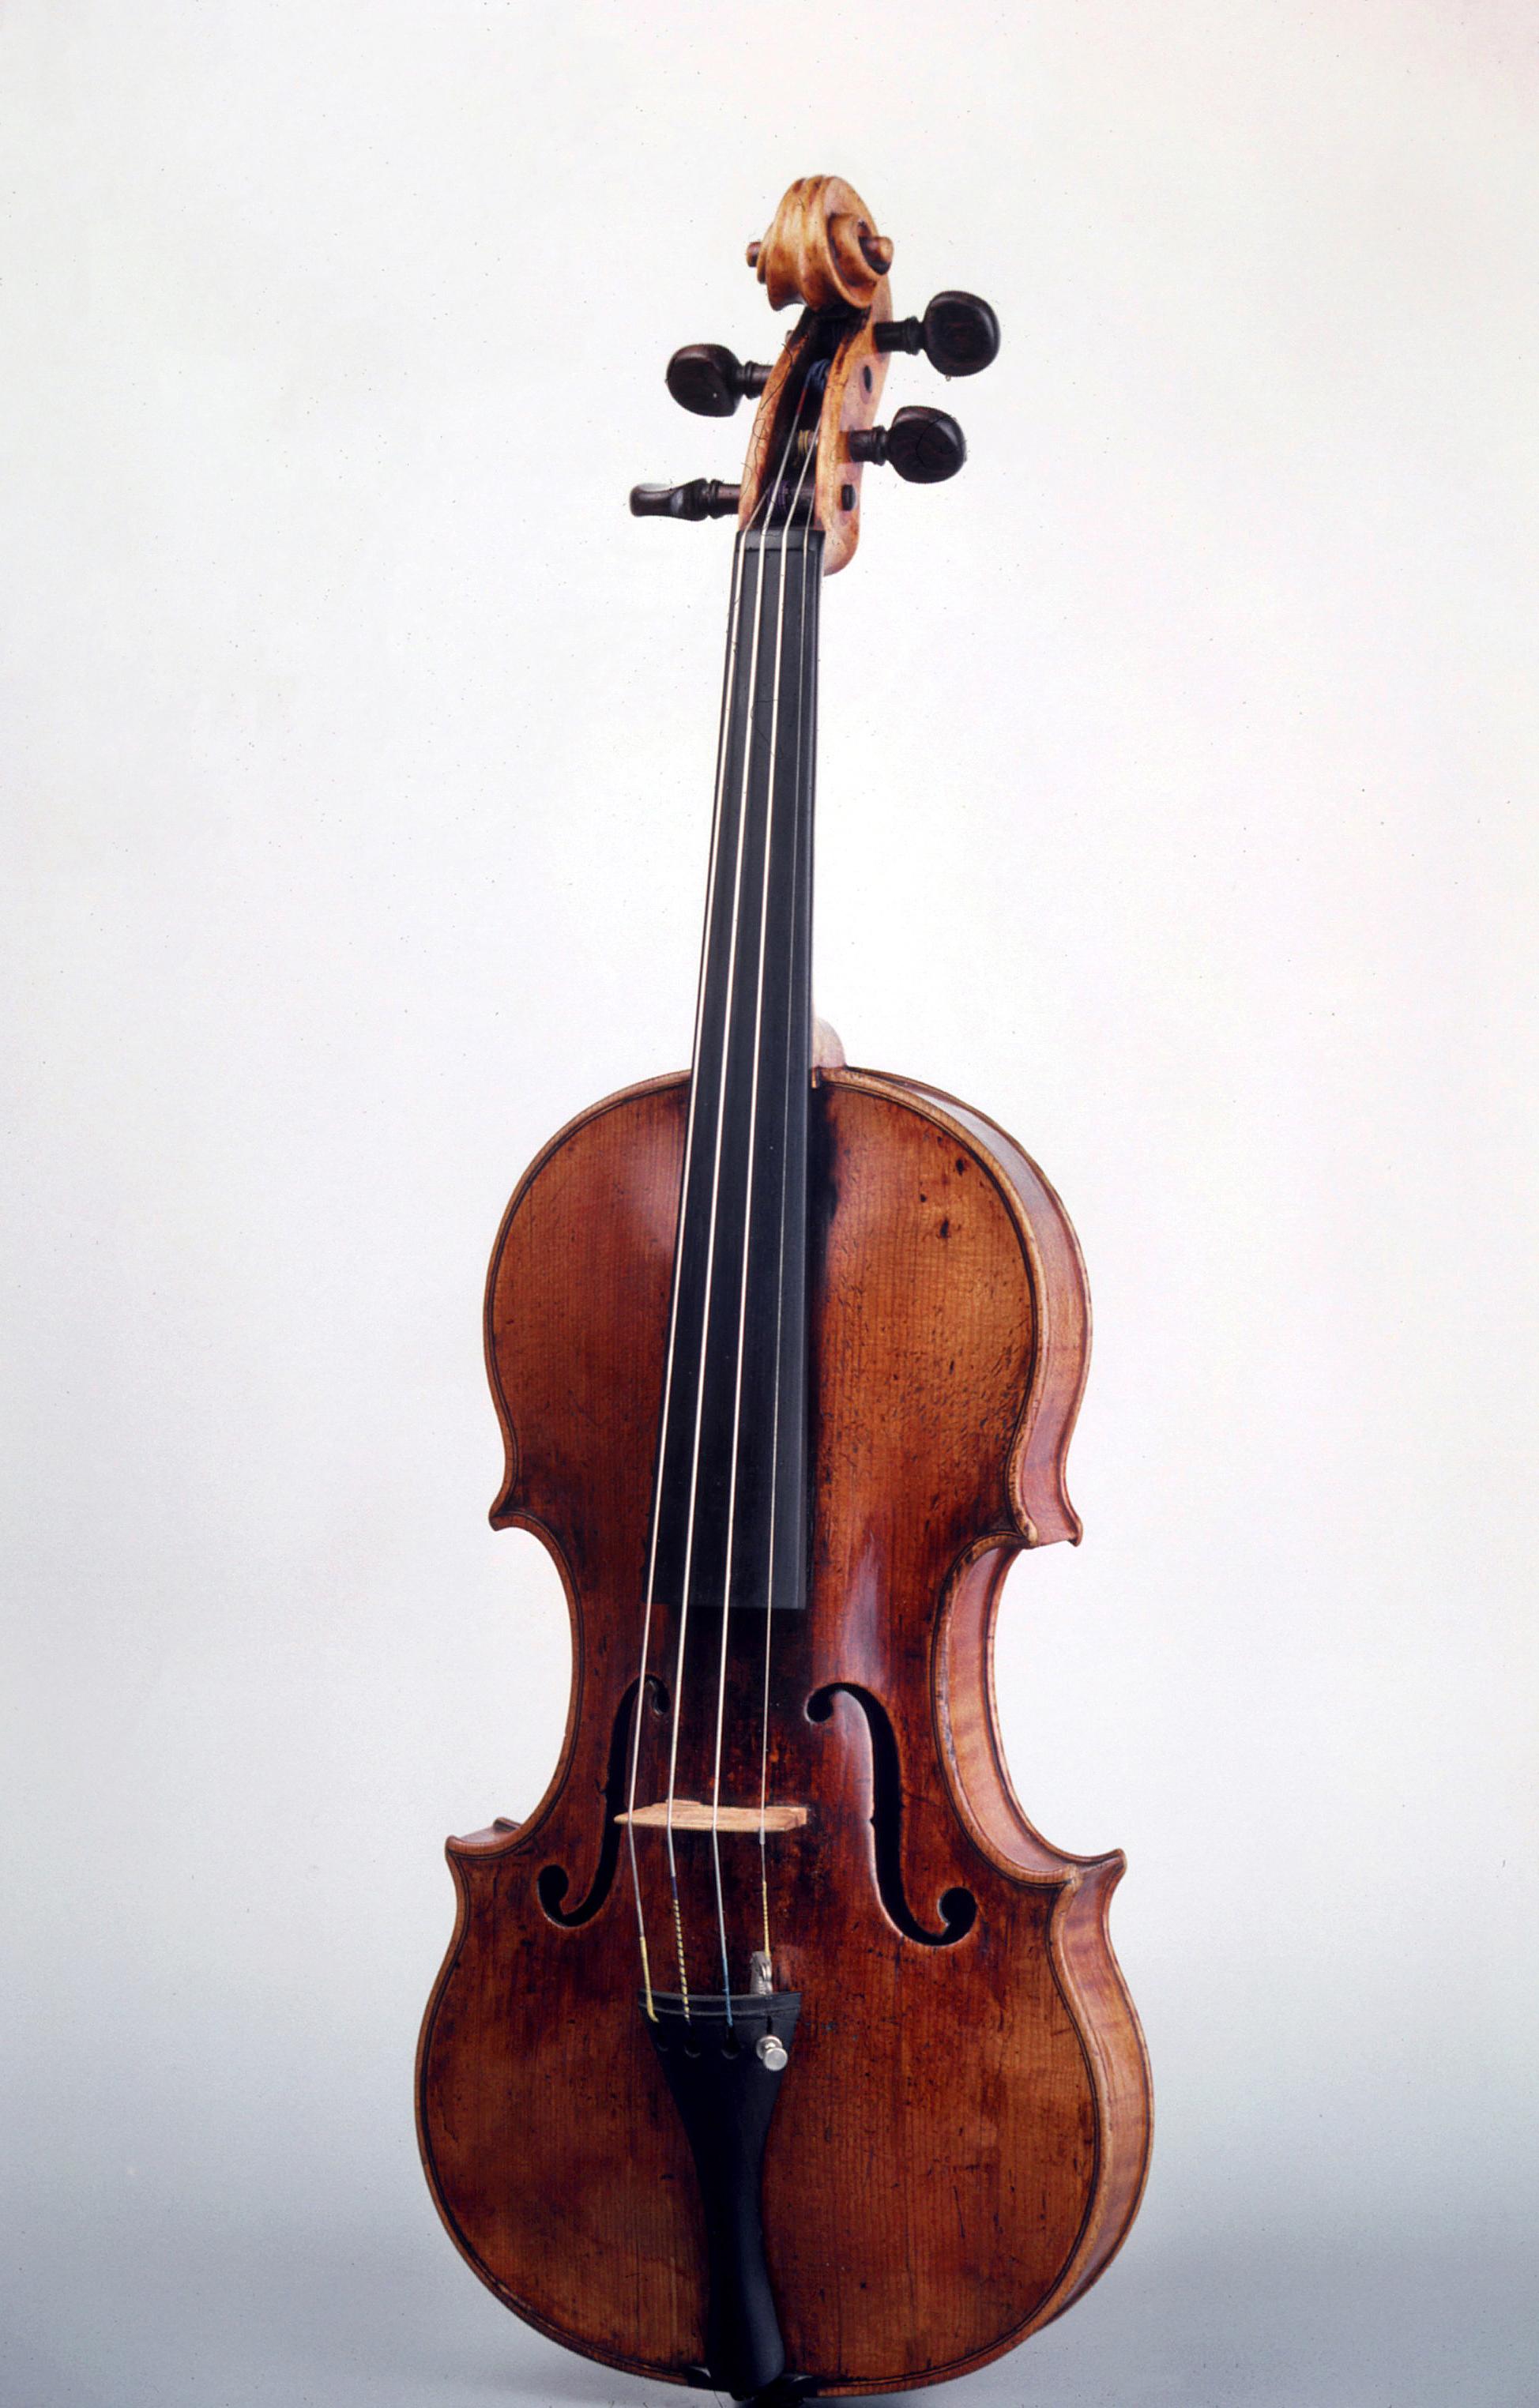 Violon Nicolò Amati, Crémone, 1639, E.972.6.1, Collection Musée de la musique © Cité de la musique - Jean-Claude Billing